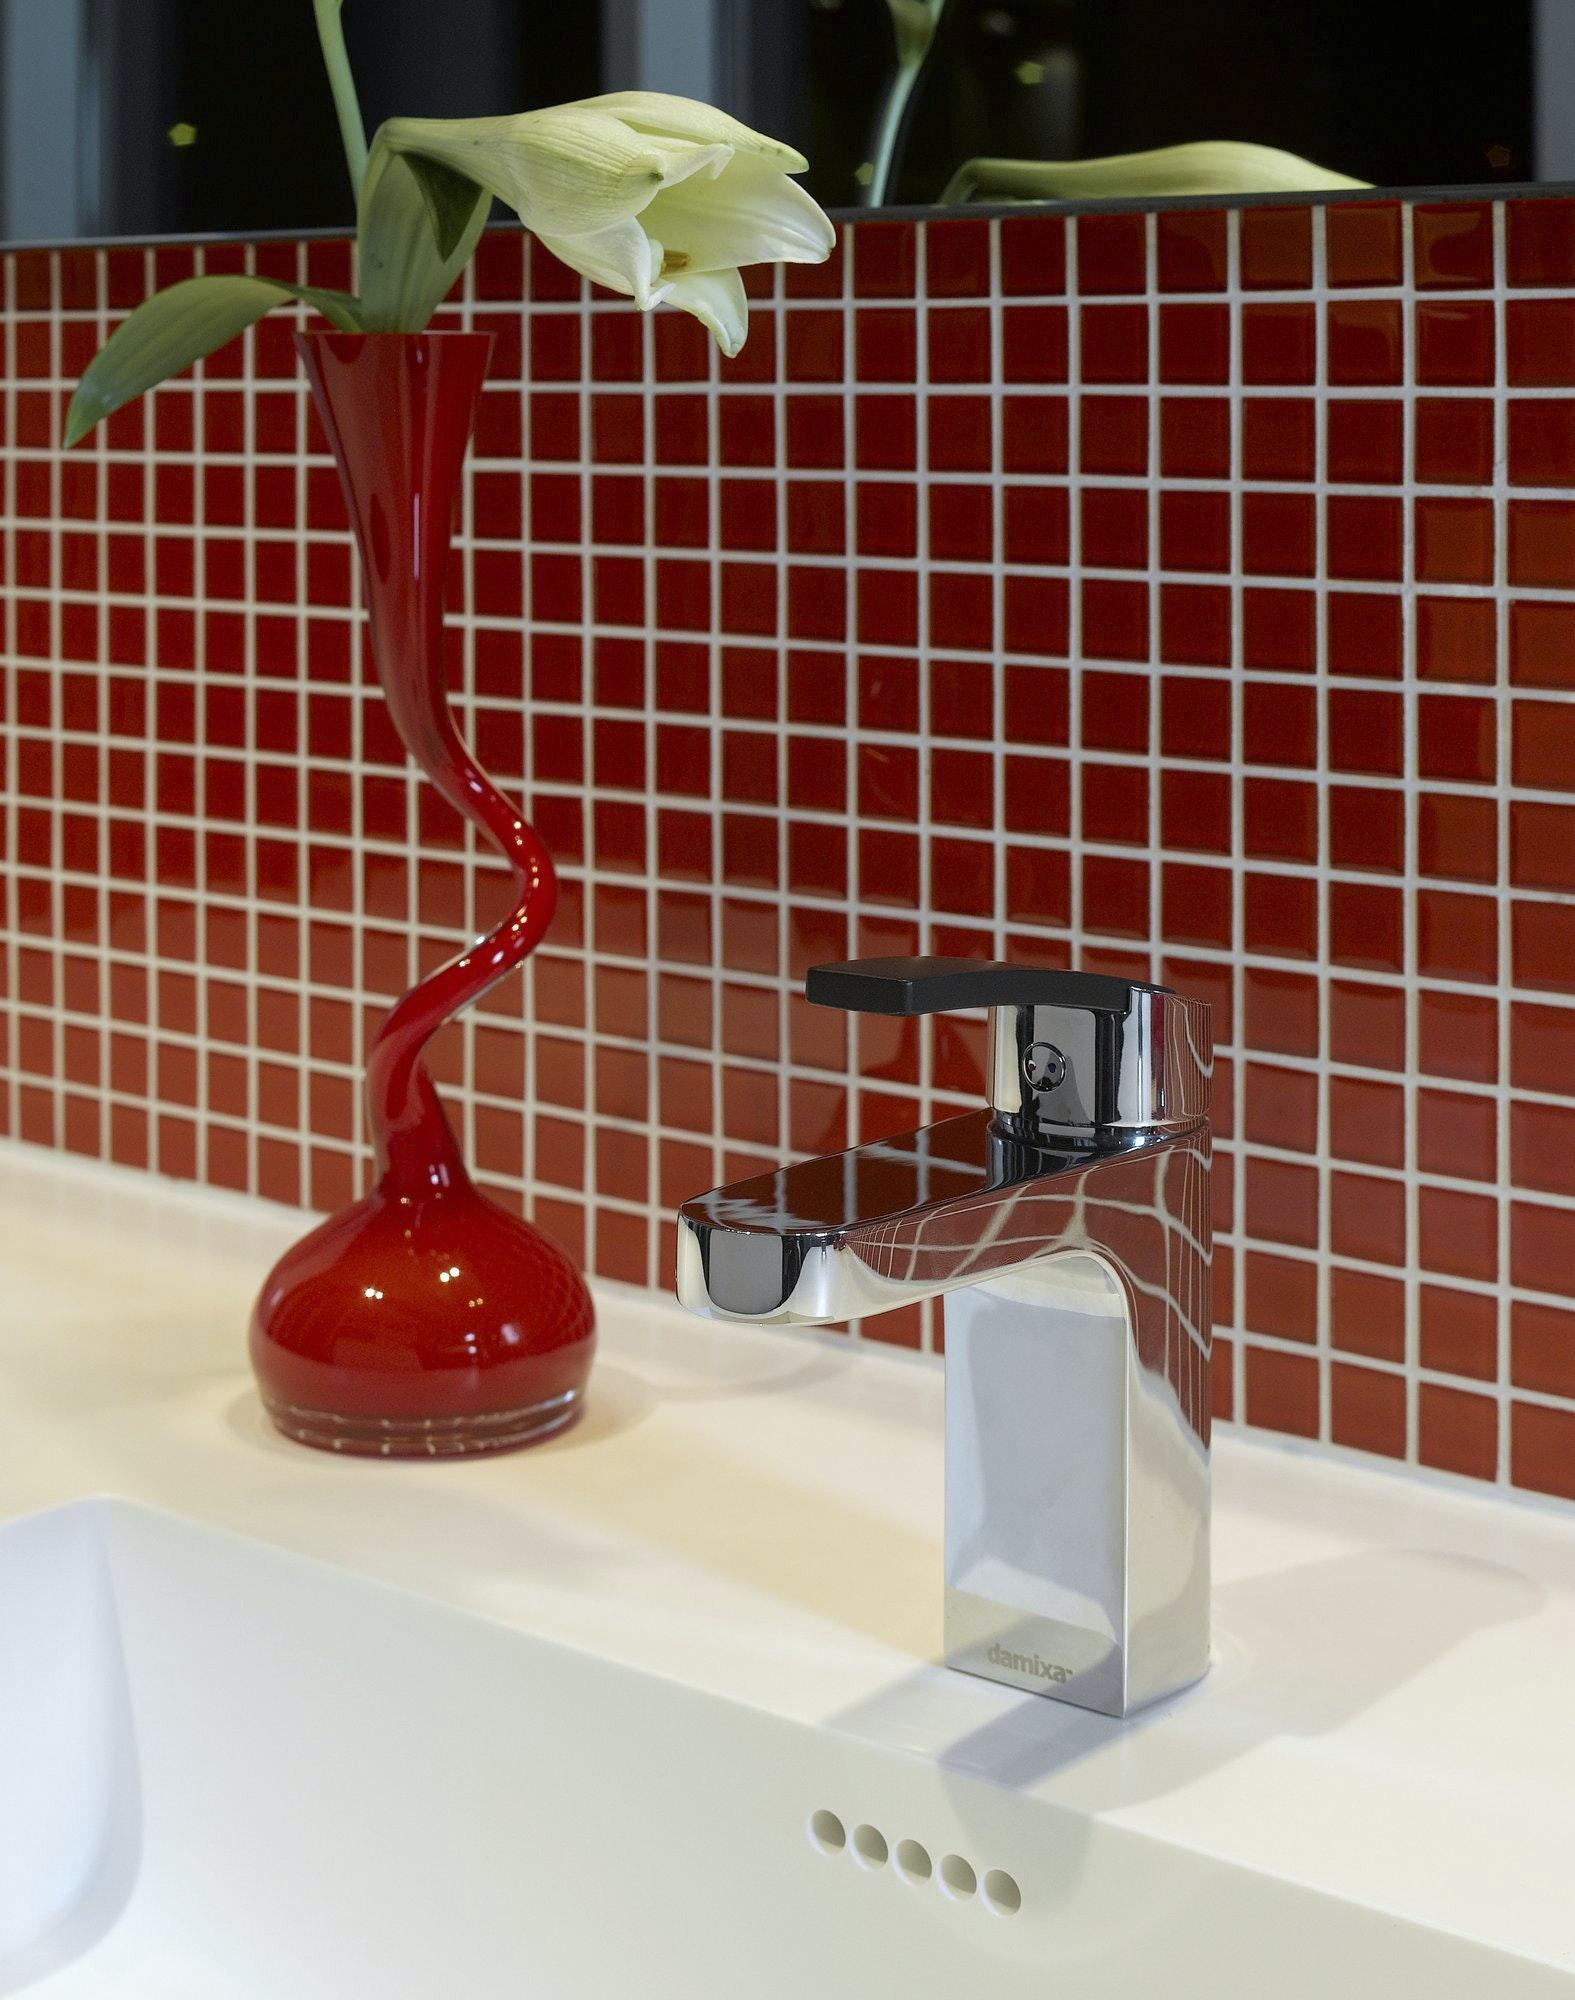 Tvättställsblandare Damixa Slate Bottenventil Krom